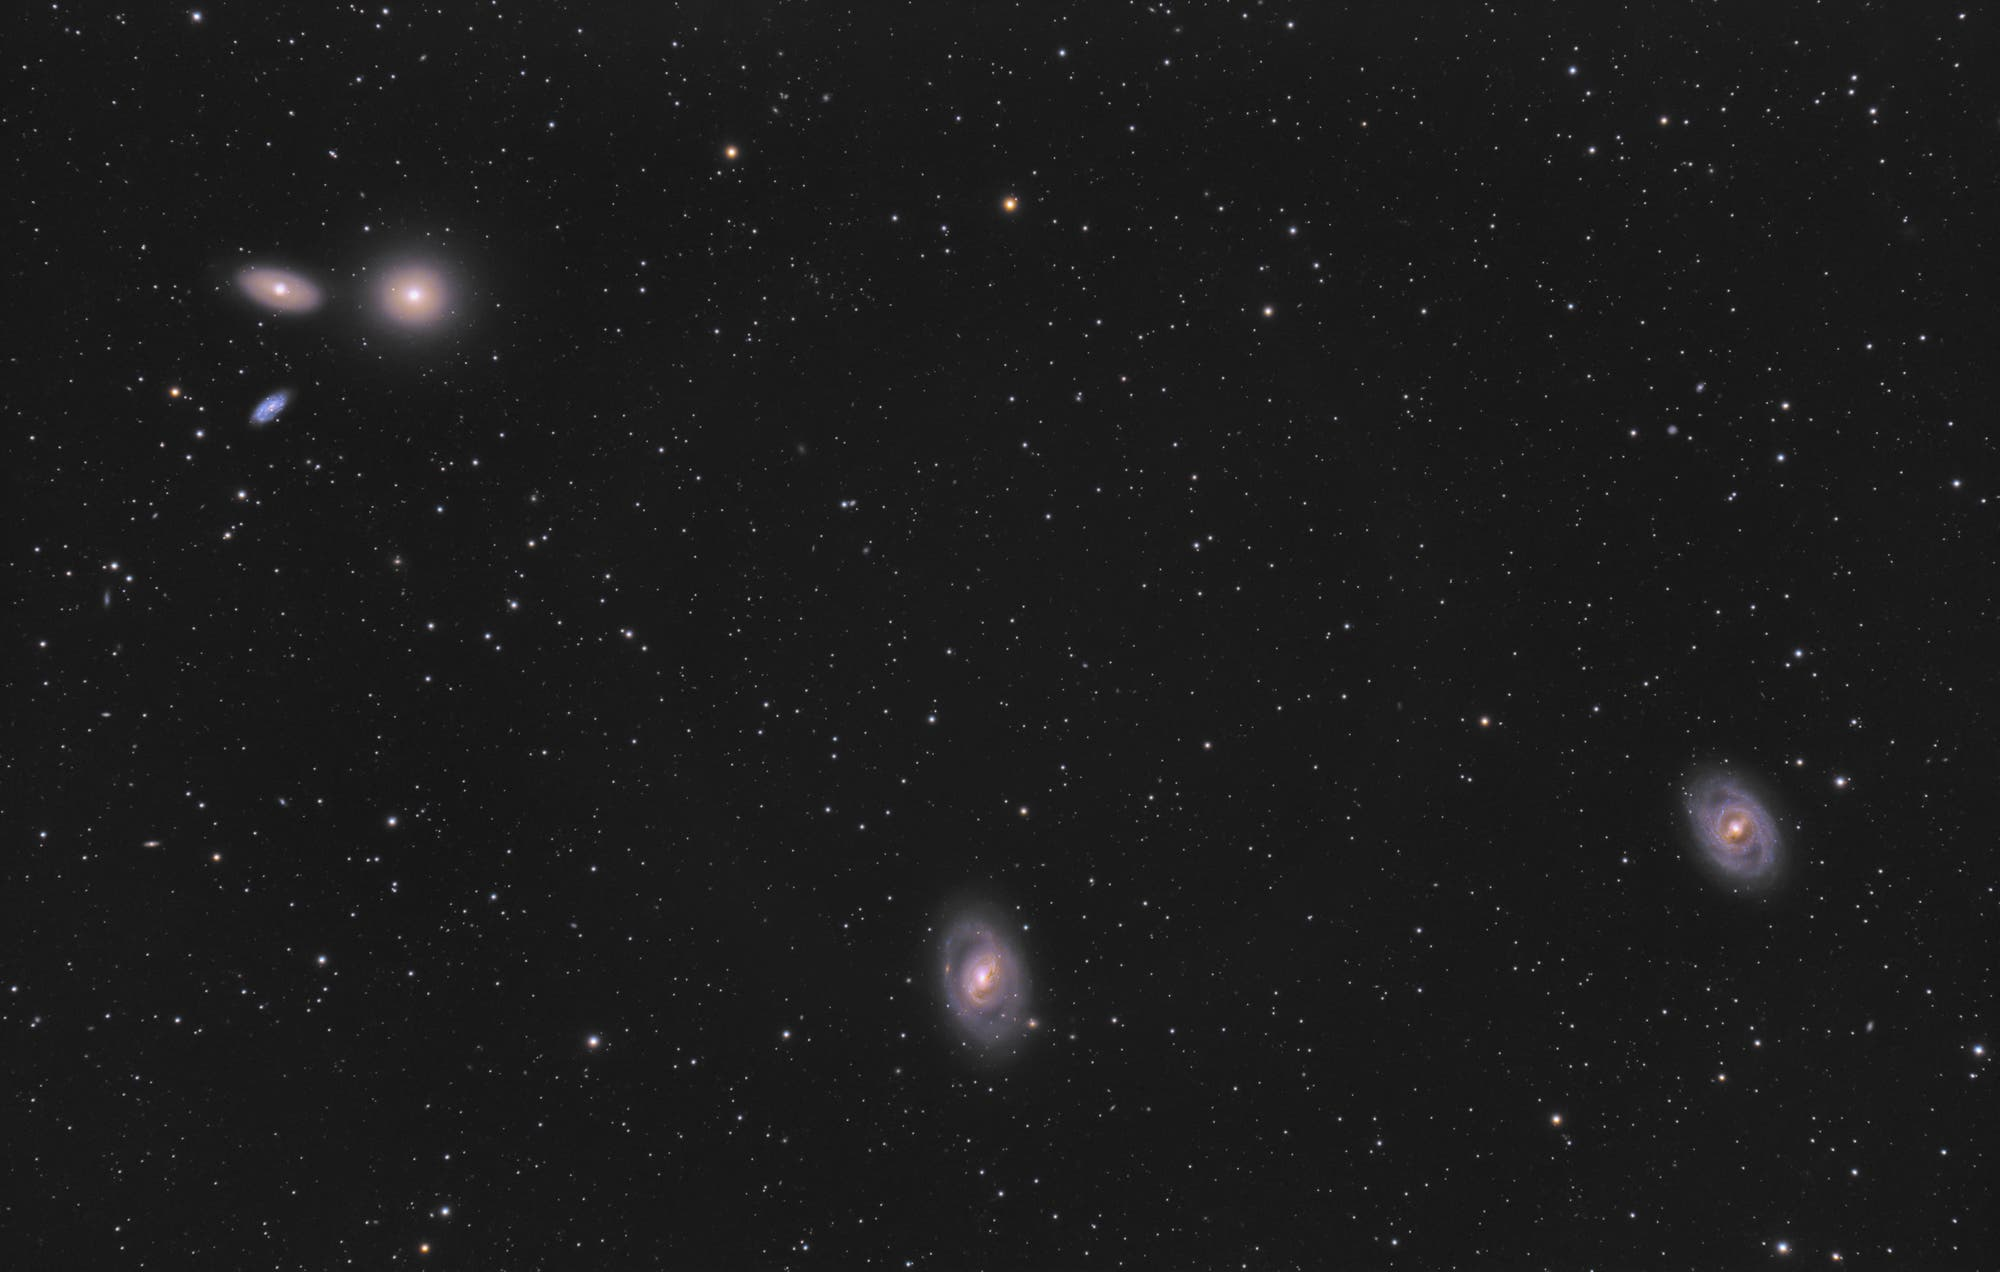 Die Galaxien Messier 95, Messier 96 und Messier 105